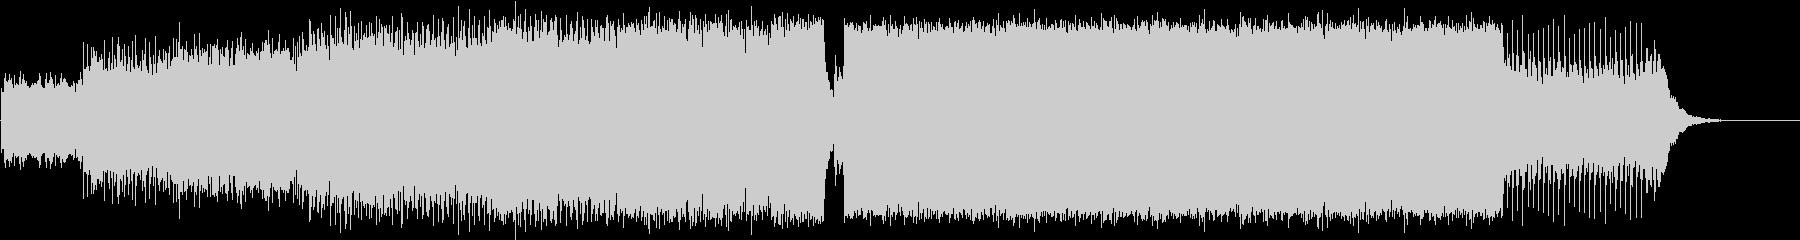 オーケストラ×クールエレクトロ OP等の未再生の波形